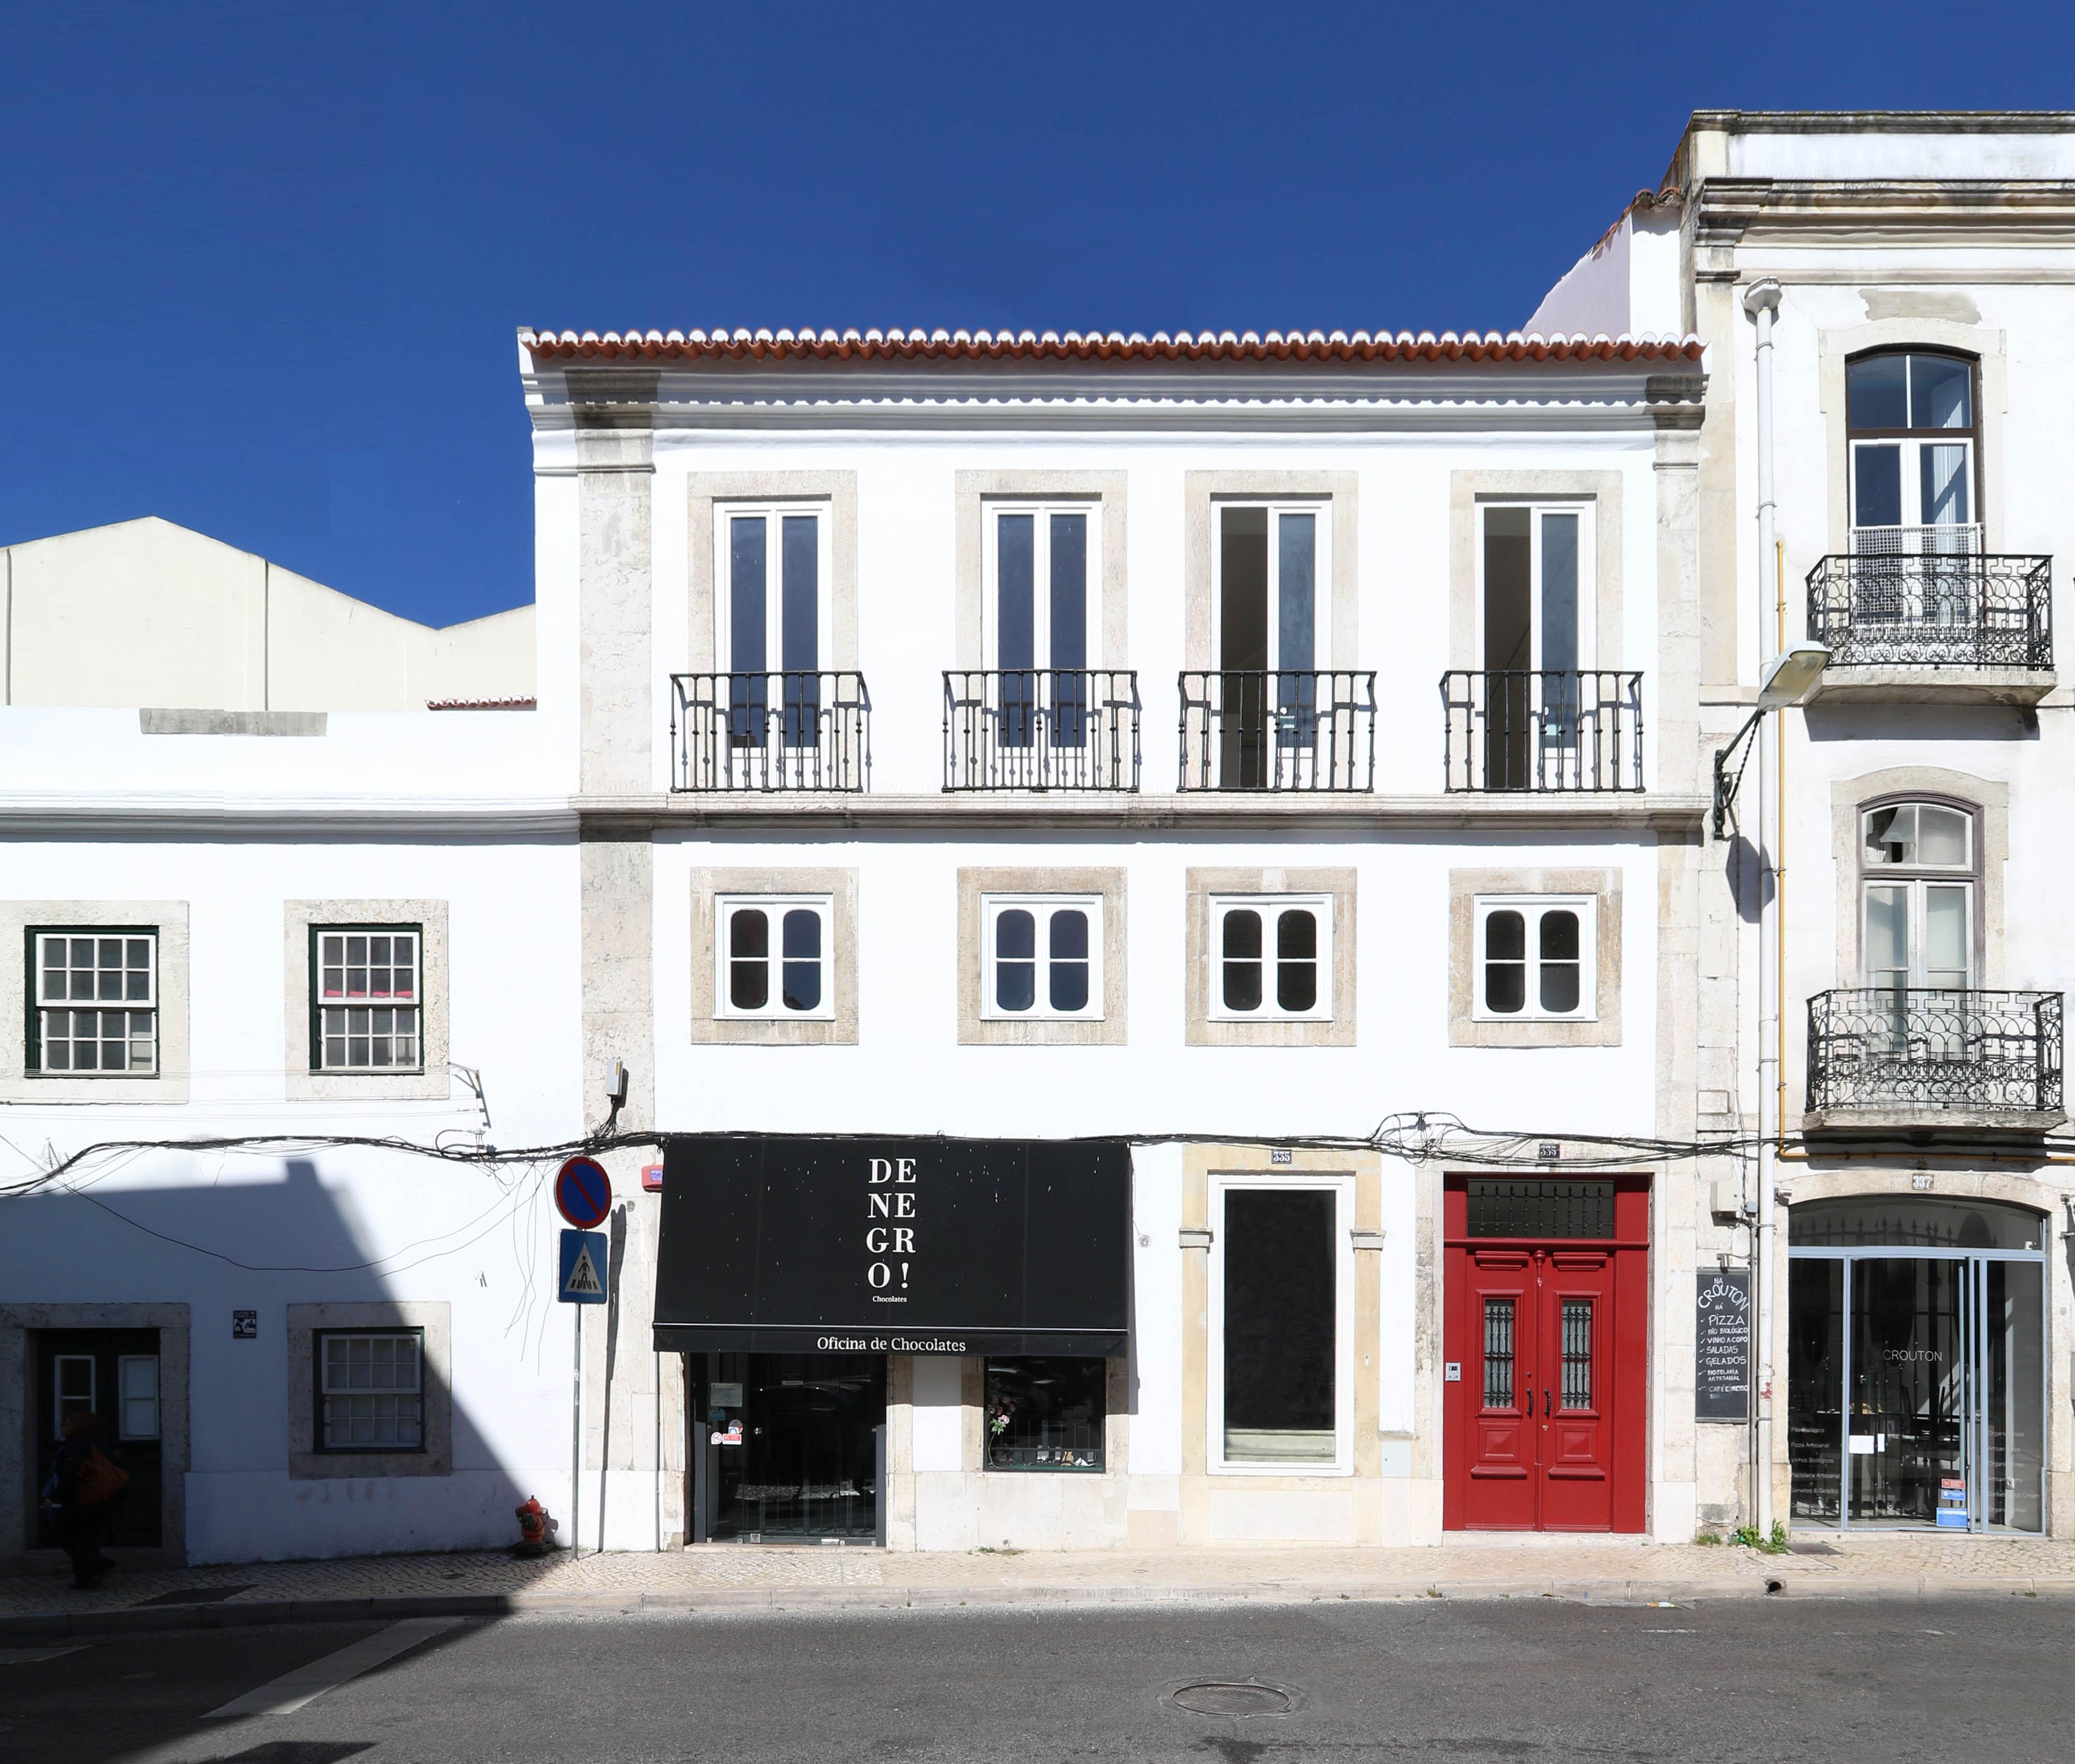 Casas de São Bento